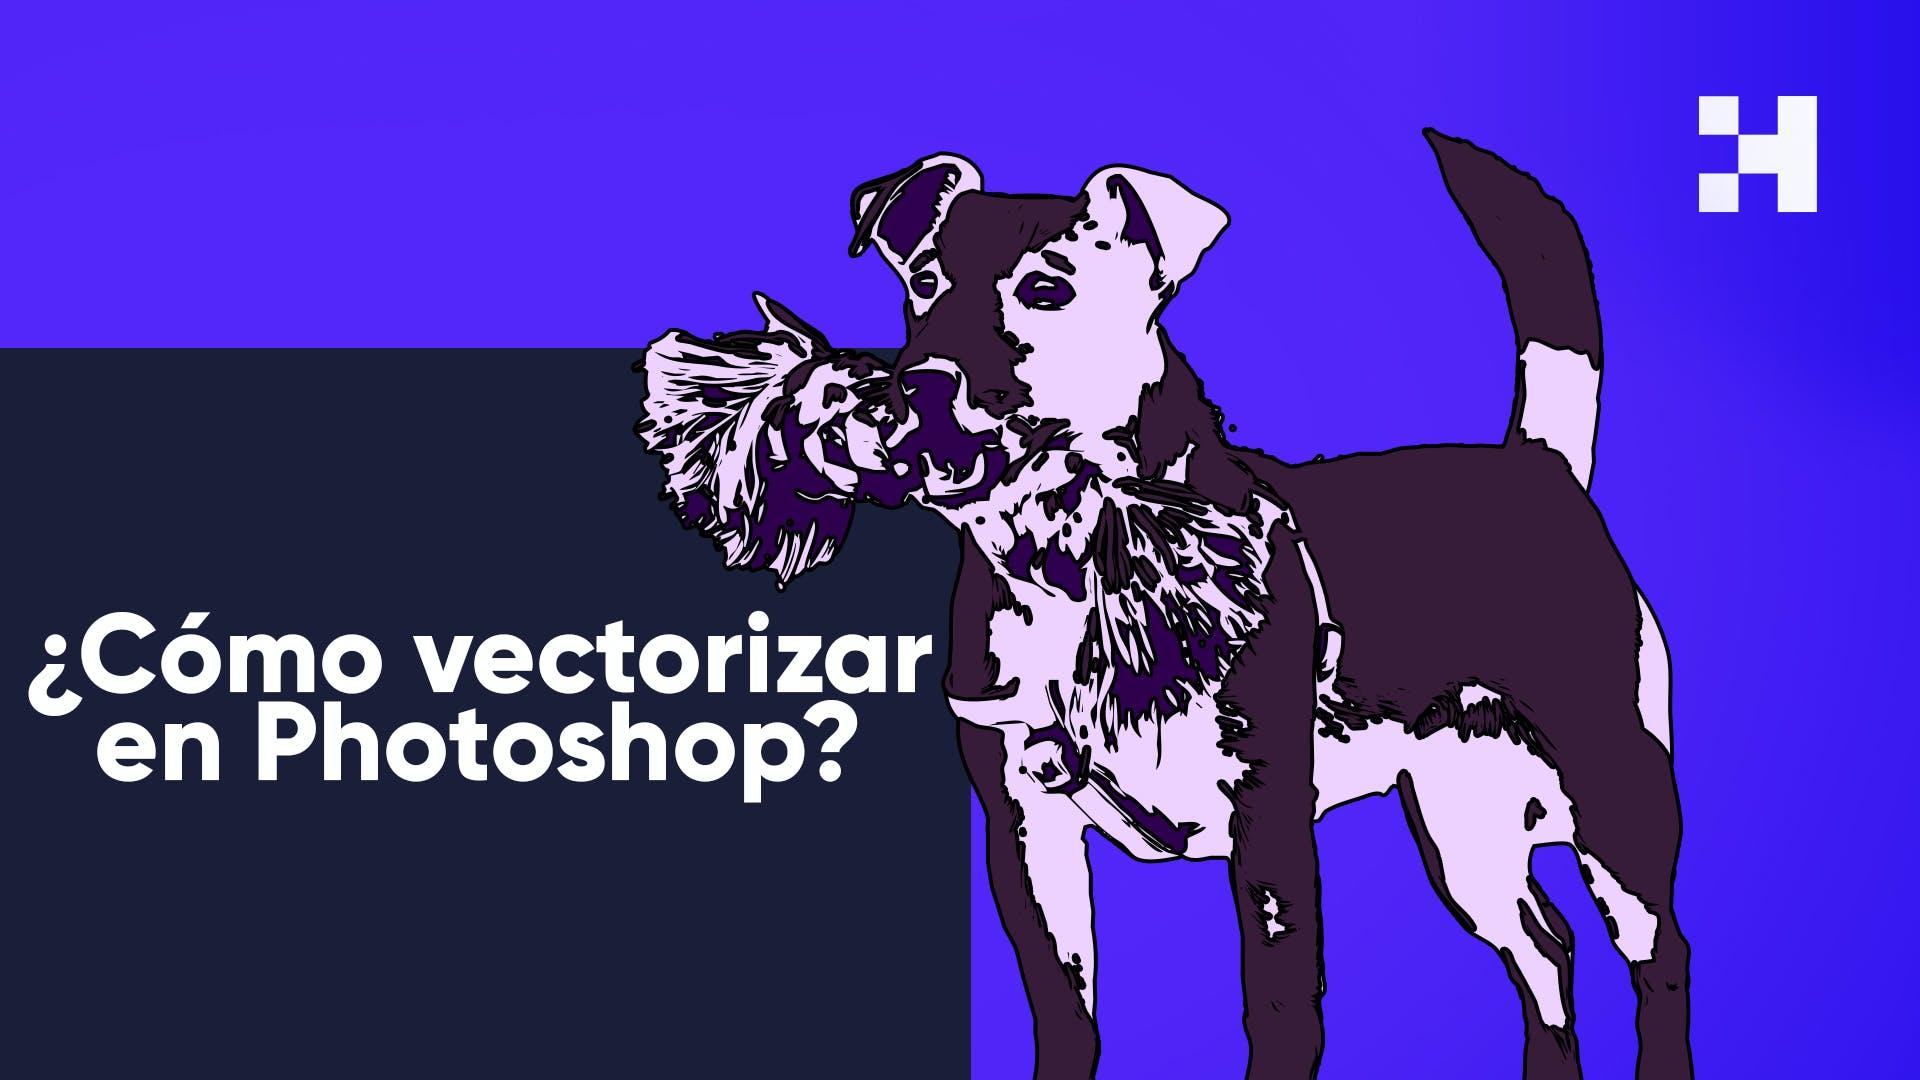 Descubre cómo vectorizar en Photoshop paso a paso